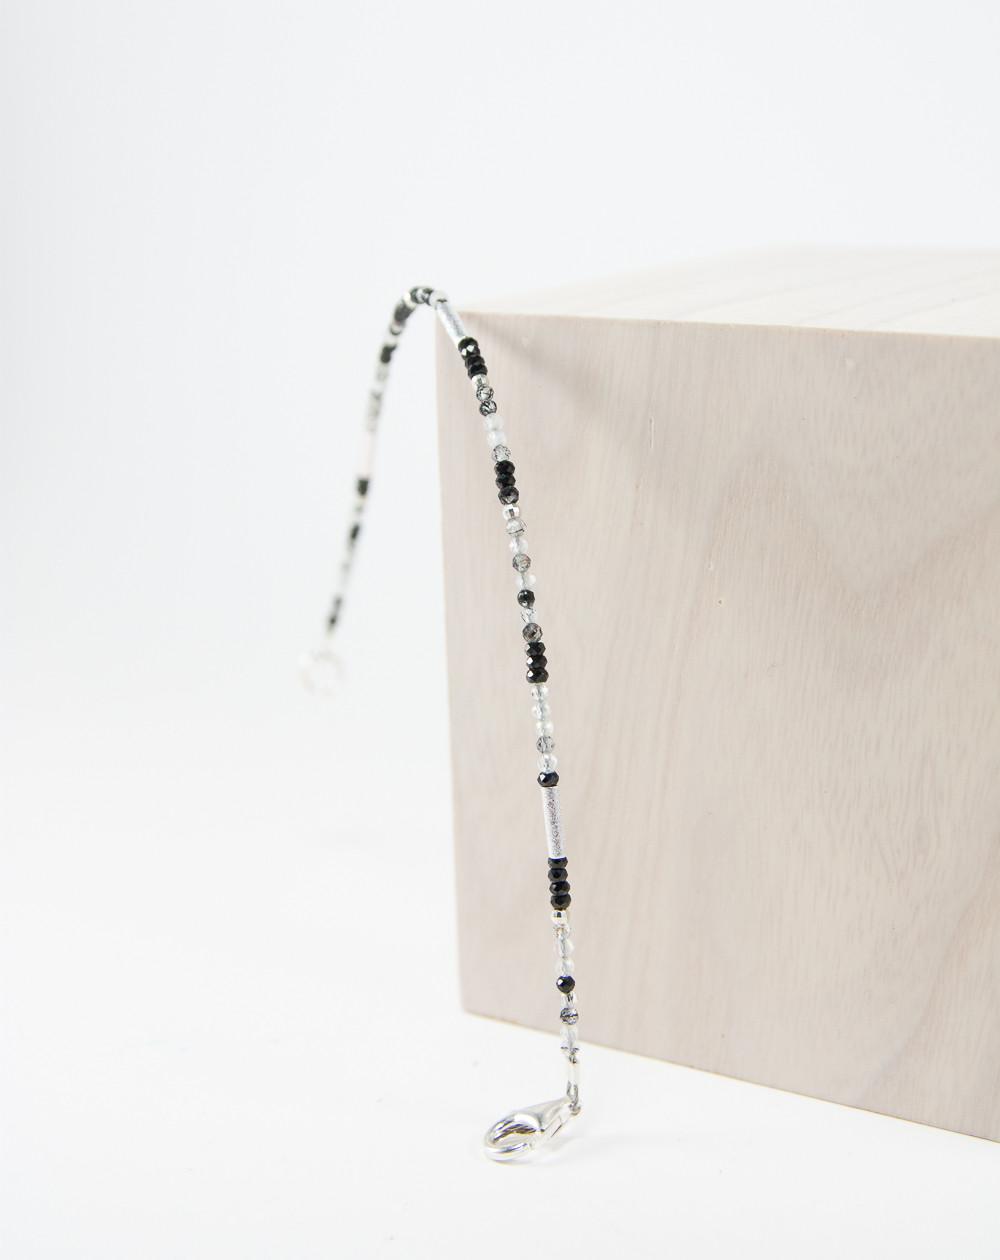 Bracelet Collection épure Quartz Tourmaliné, Sanuk création, Bayonne